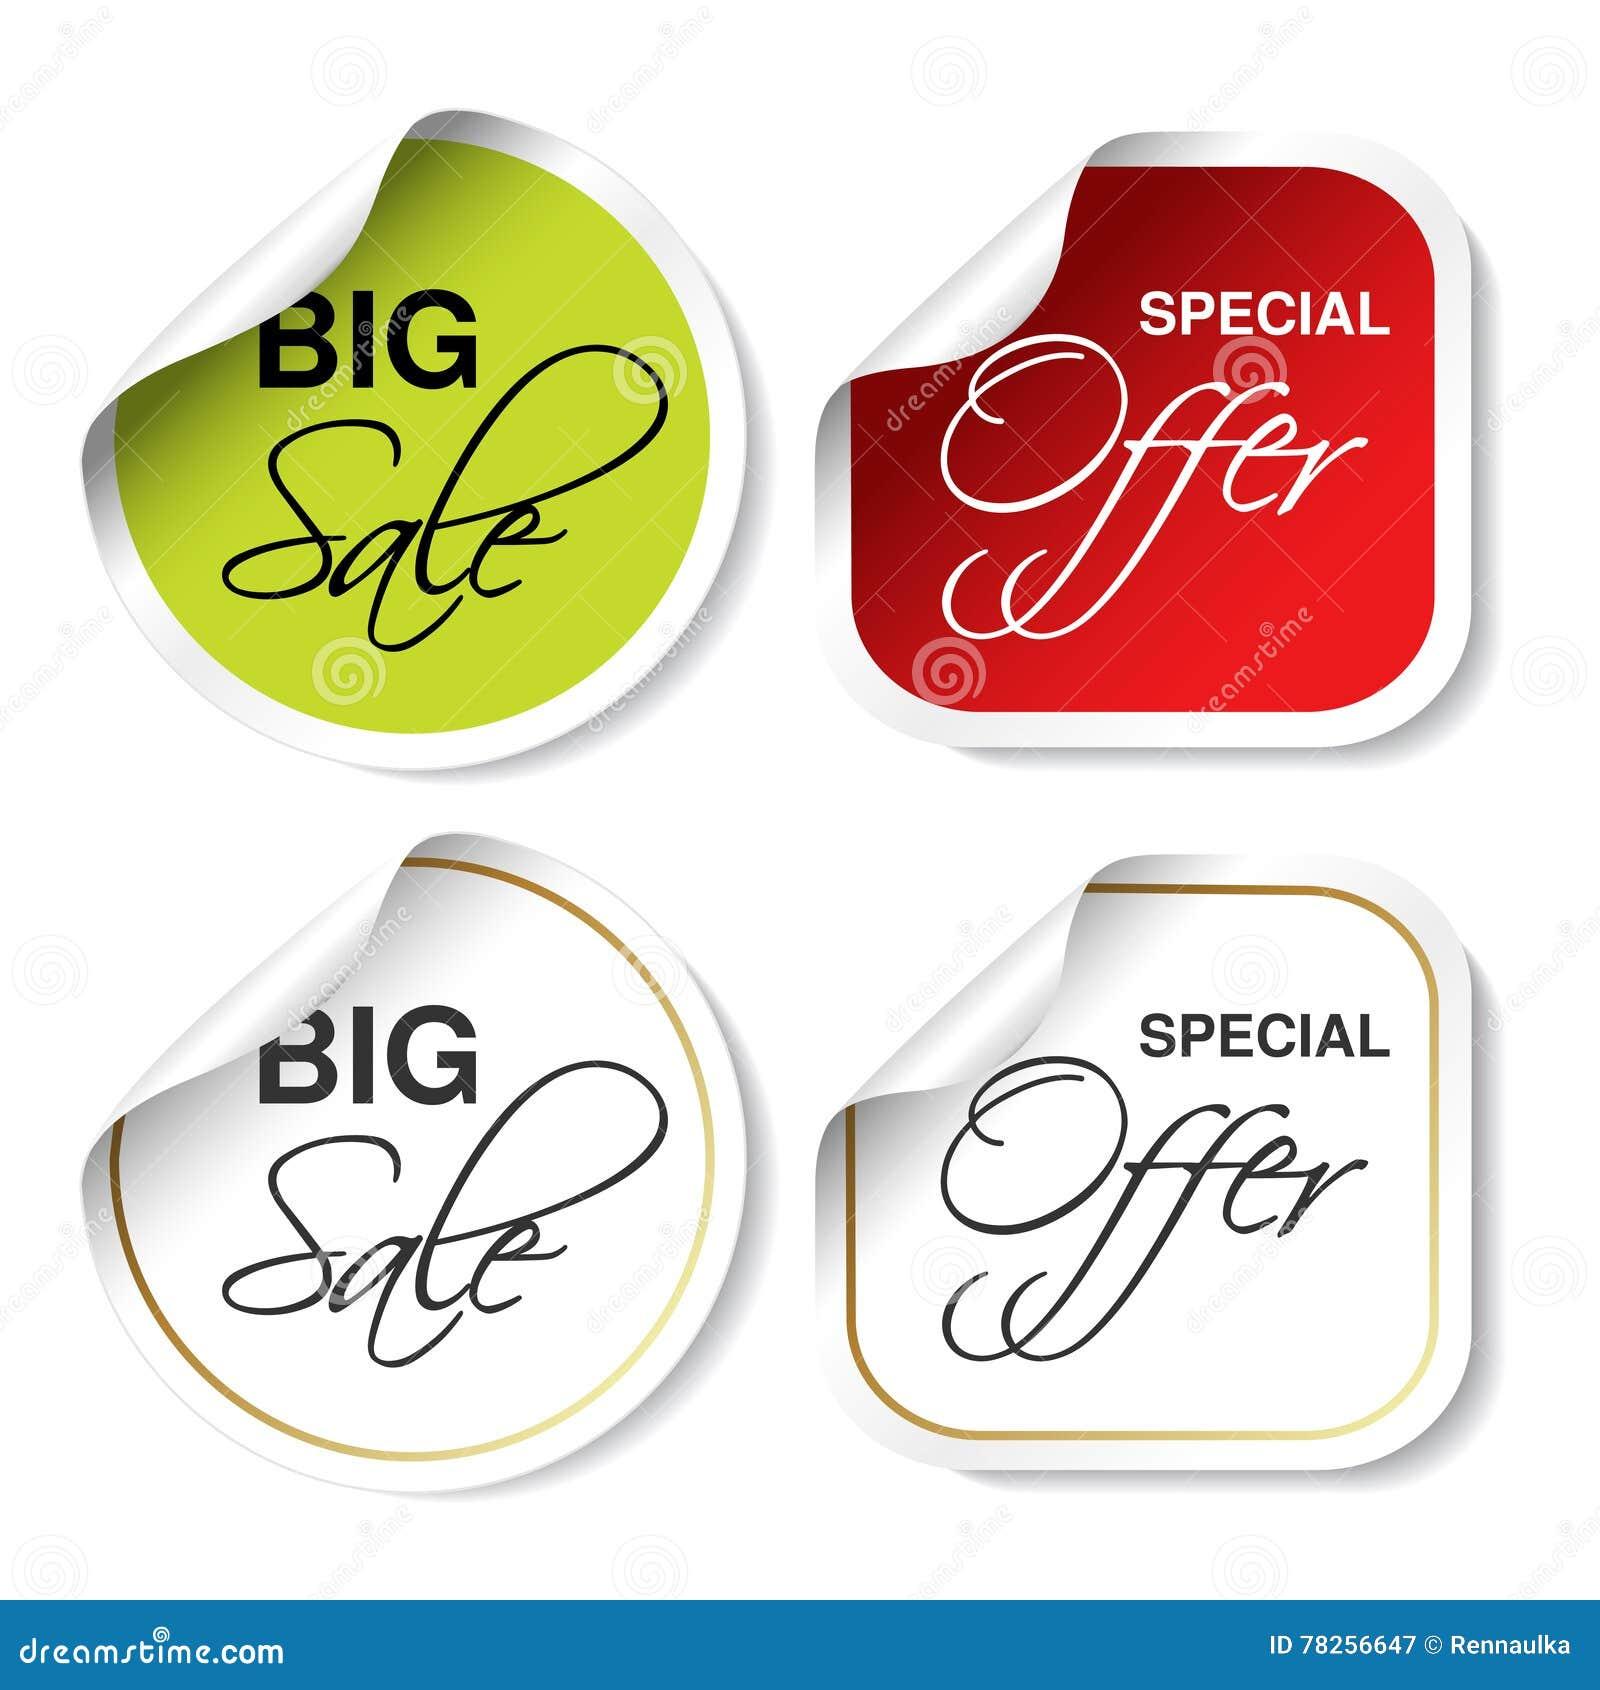 Πράσινη, κόκκινη και άσπρη ετικέτα διαφήμισης Κυκλικές και τετραγωνικές καμμμένες αυτοκόλλητες ετικέττες Μεγάλη πώληση και ειδική